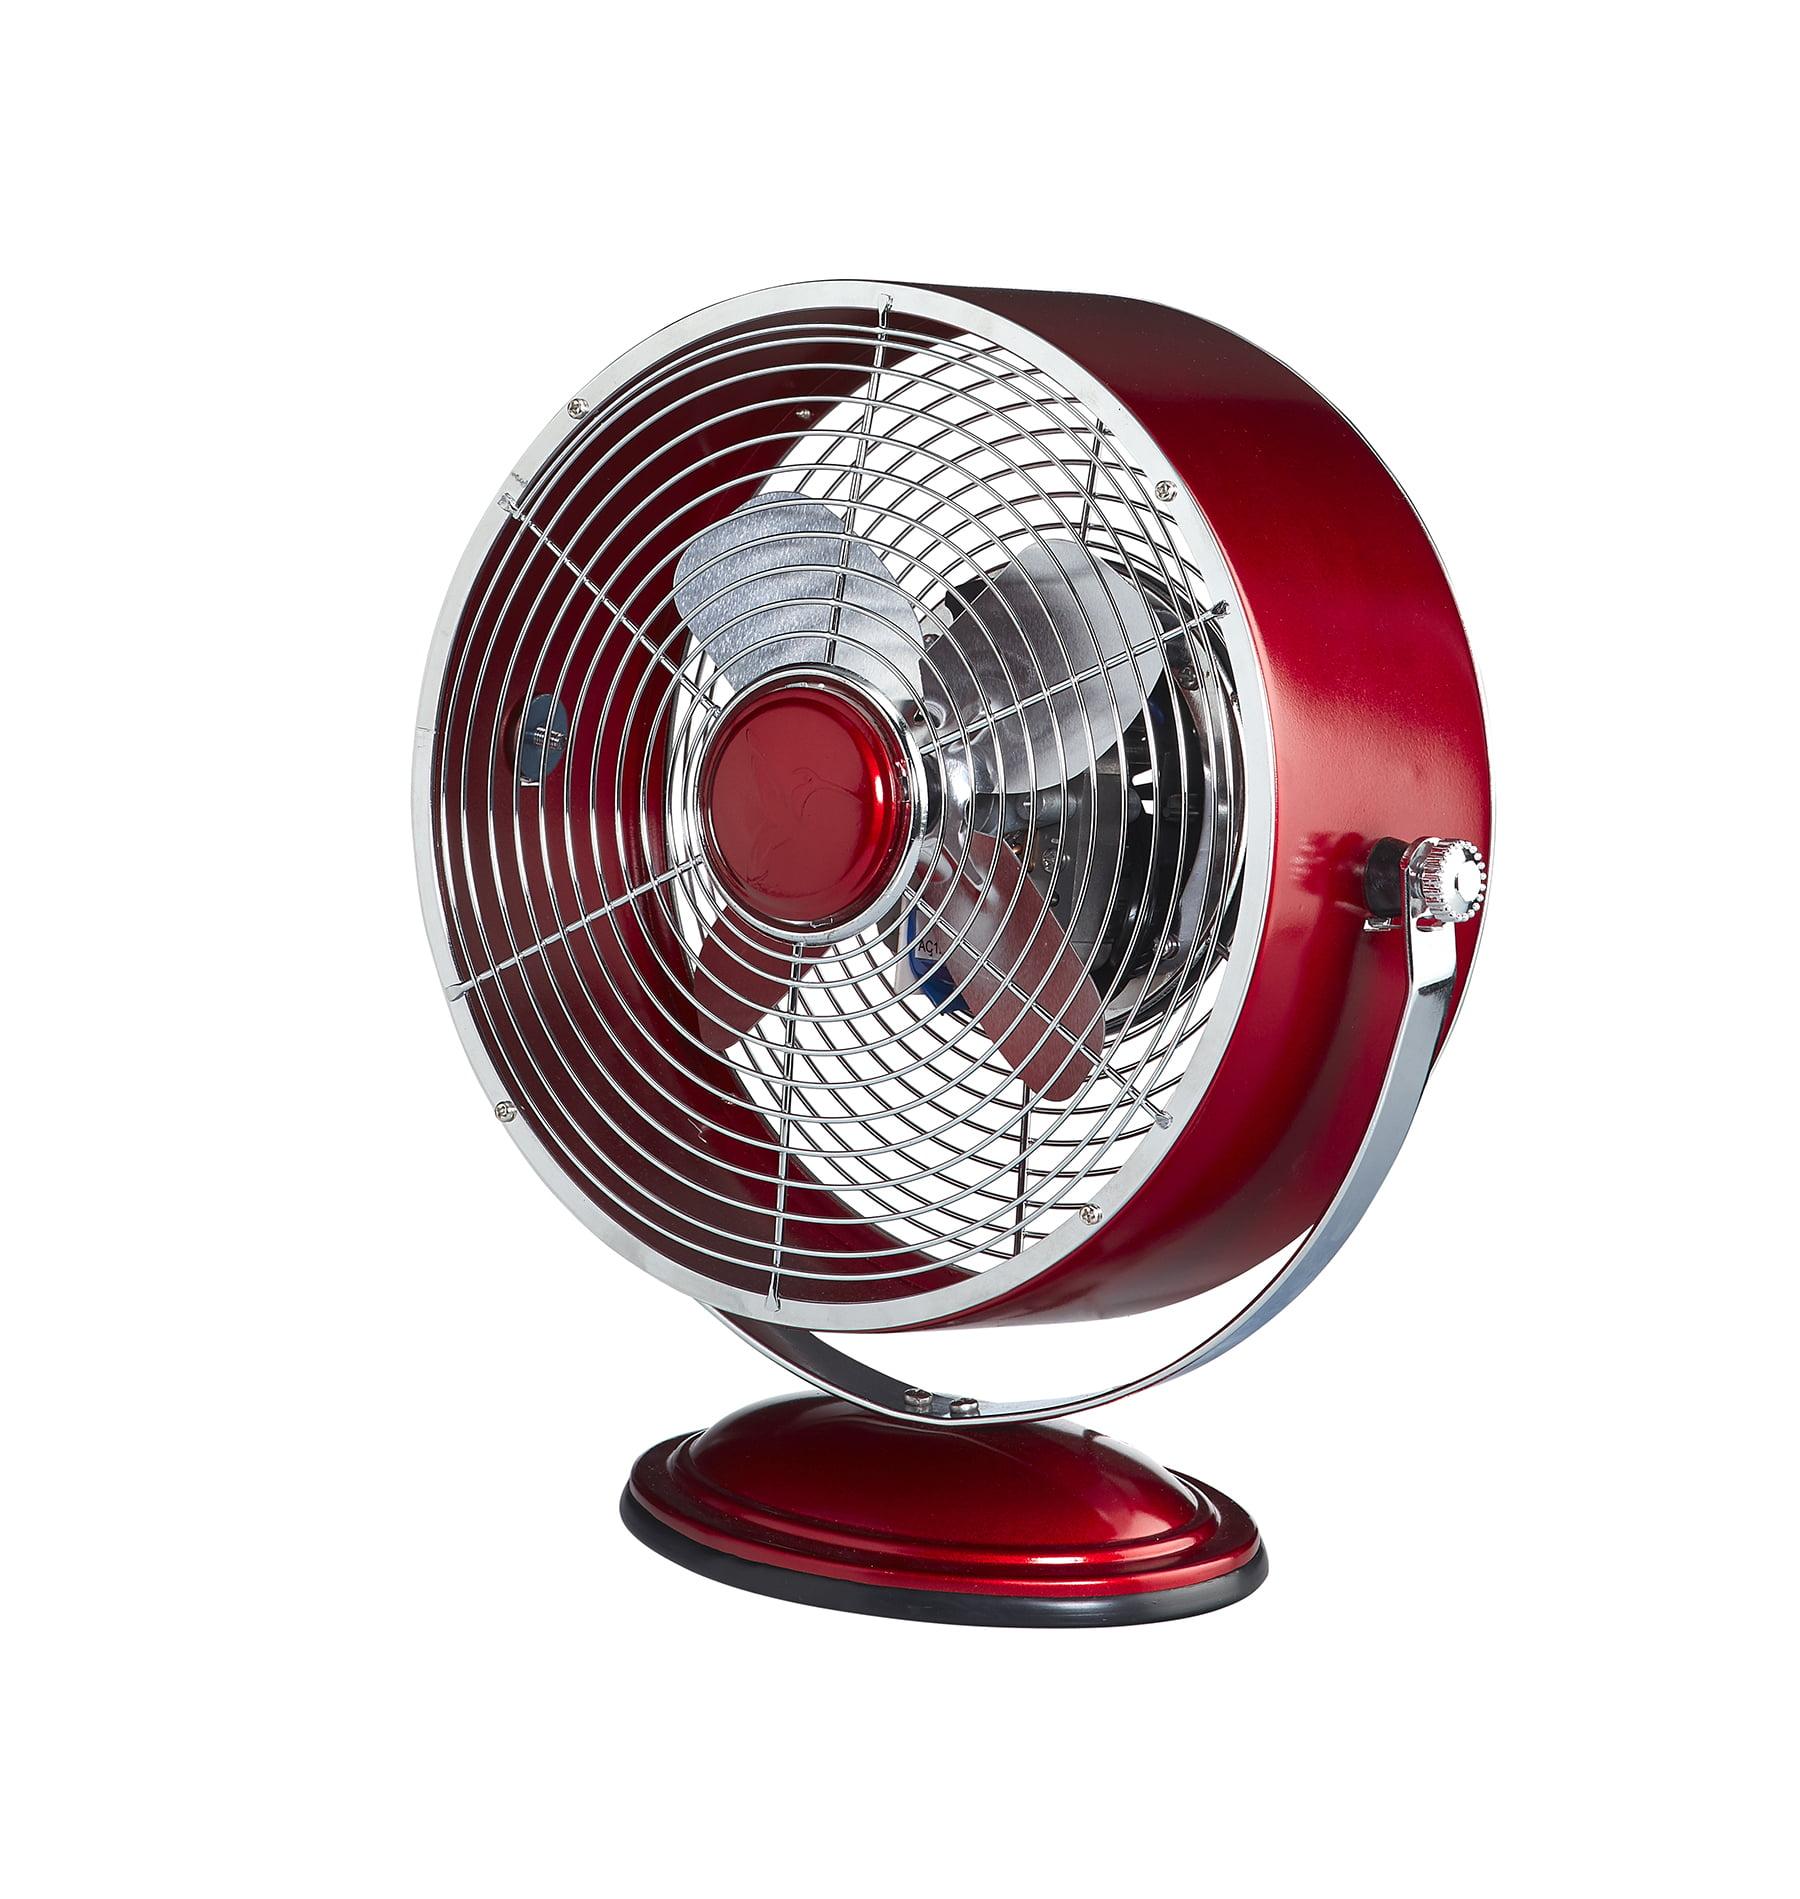 DecoBREEZE Retro Fan Air Circulator Table Fan with Full Pivot Fan Head, Metallic Red